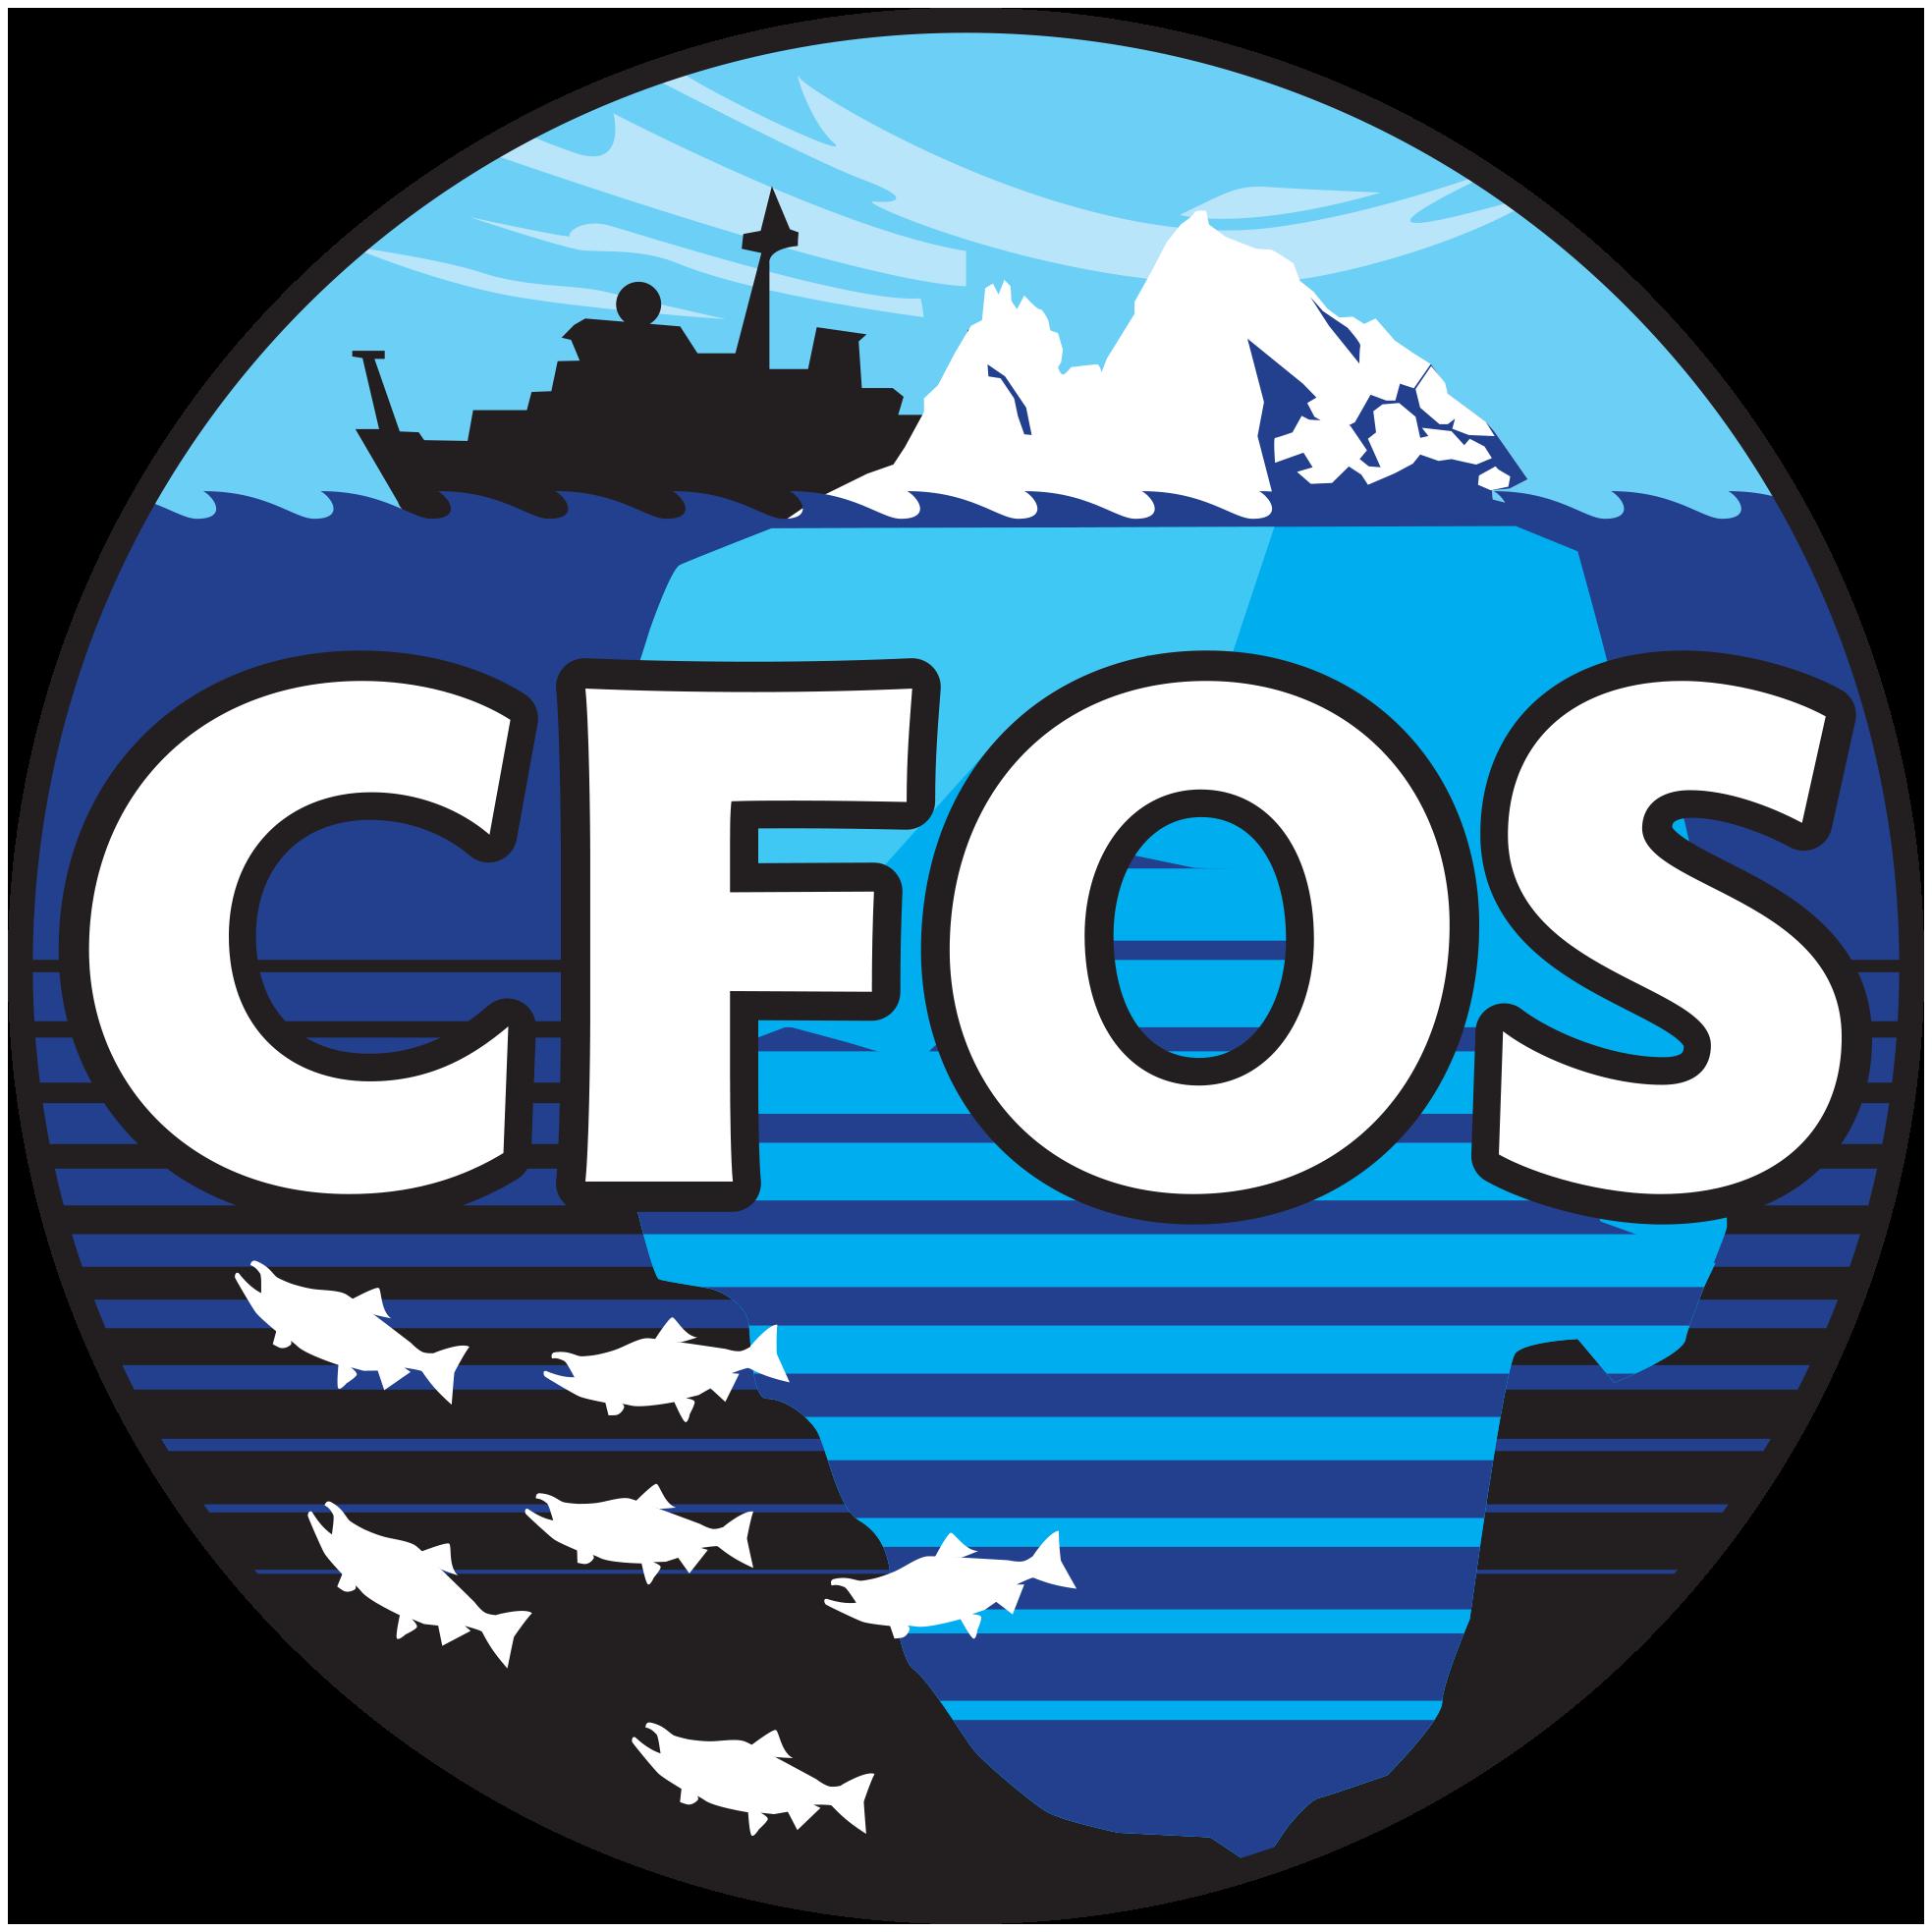 CFOS.png